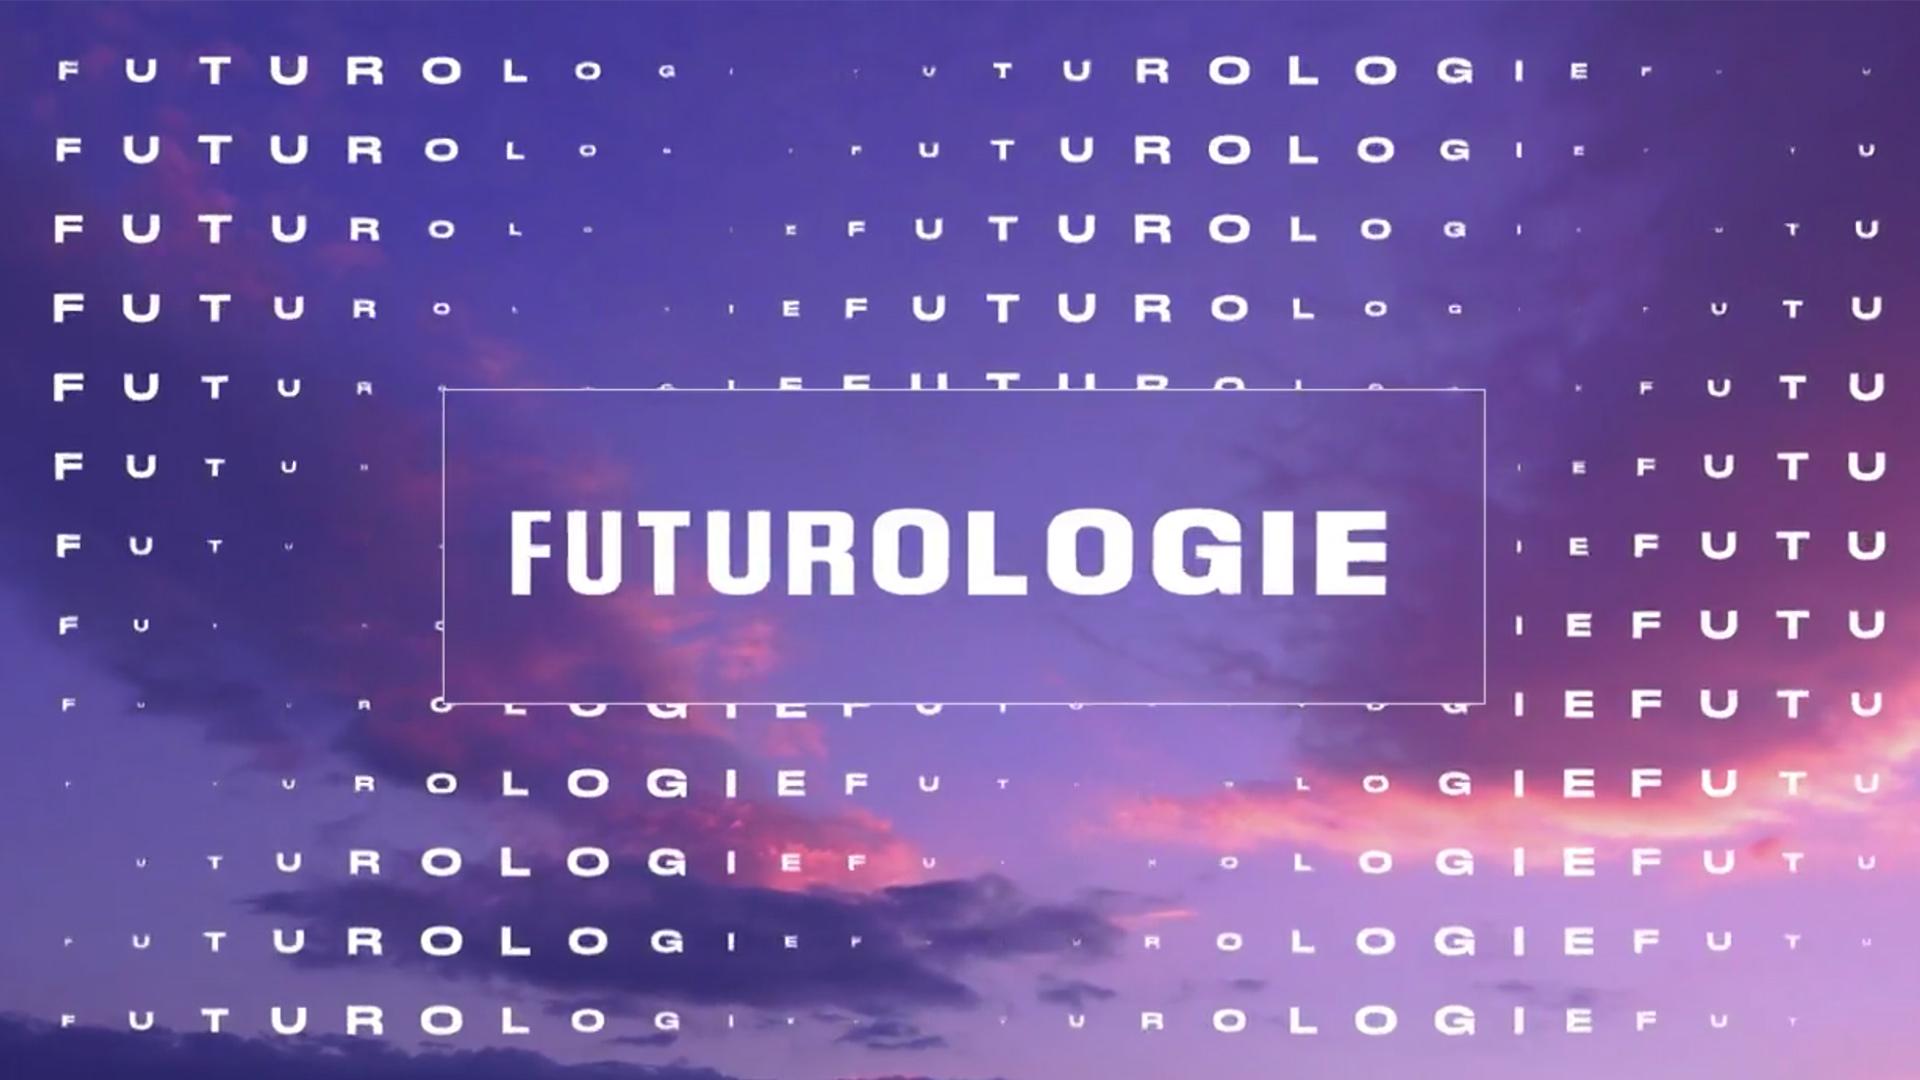 Futurologie remporte le Prix Spécial du meilleur film sur l'innovation.